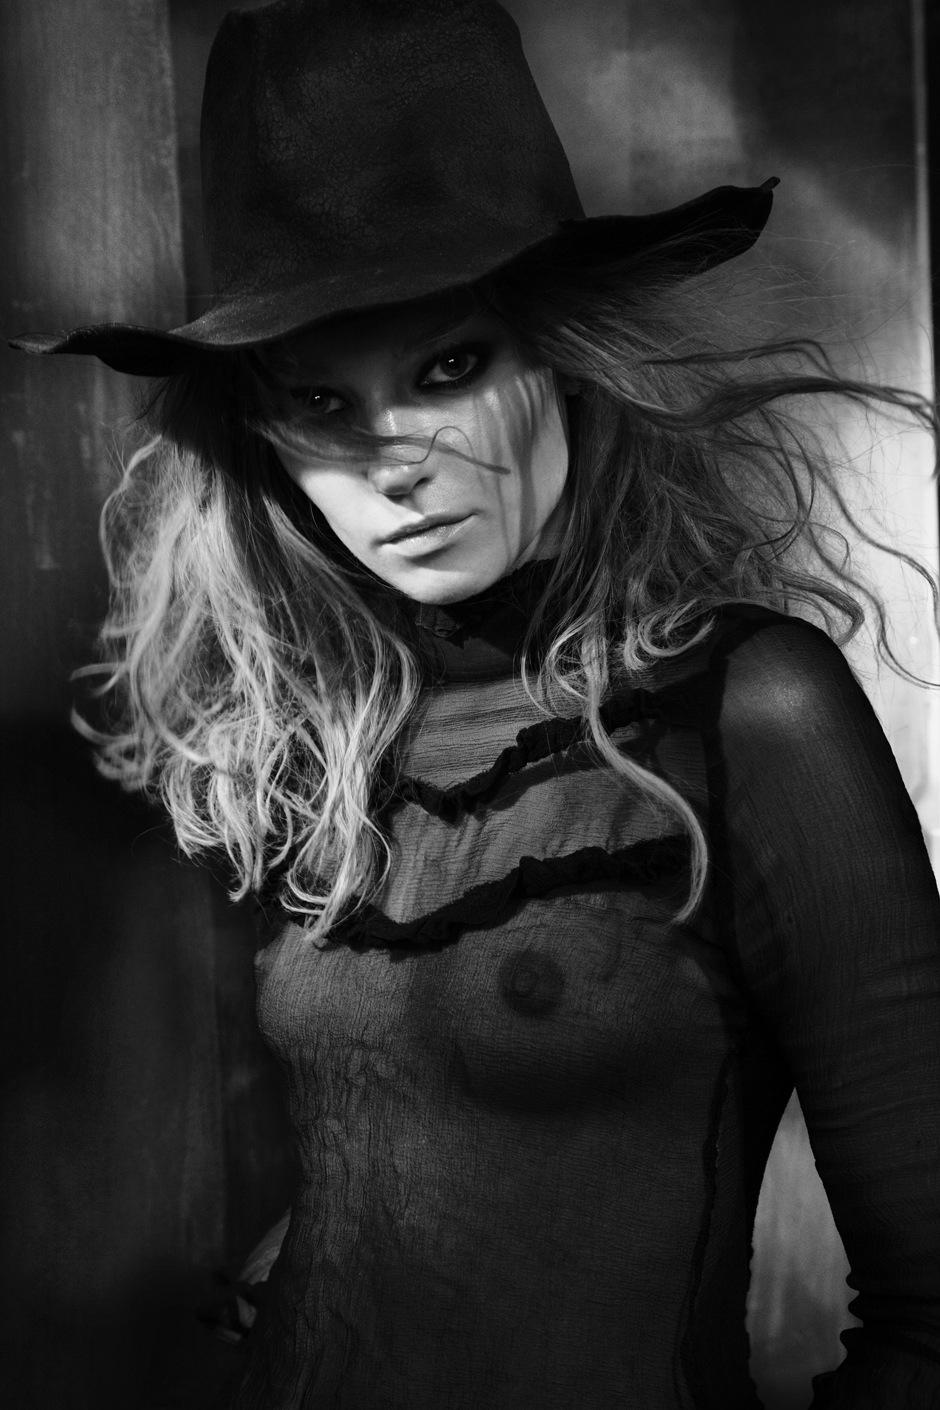 Johanna_Jonsson-Jesse_Laitinen-REVS-01.jpeg